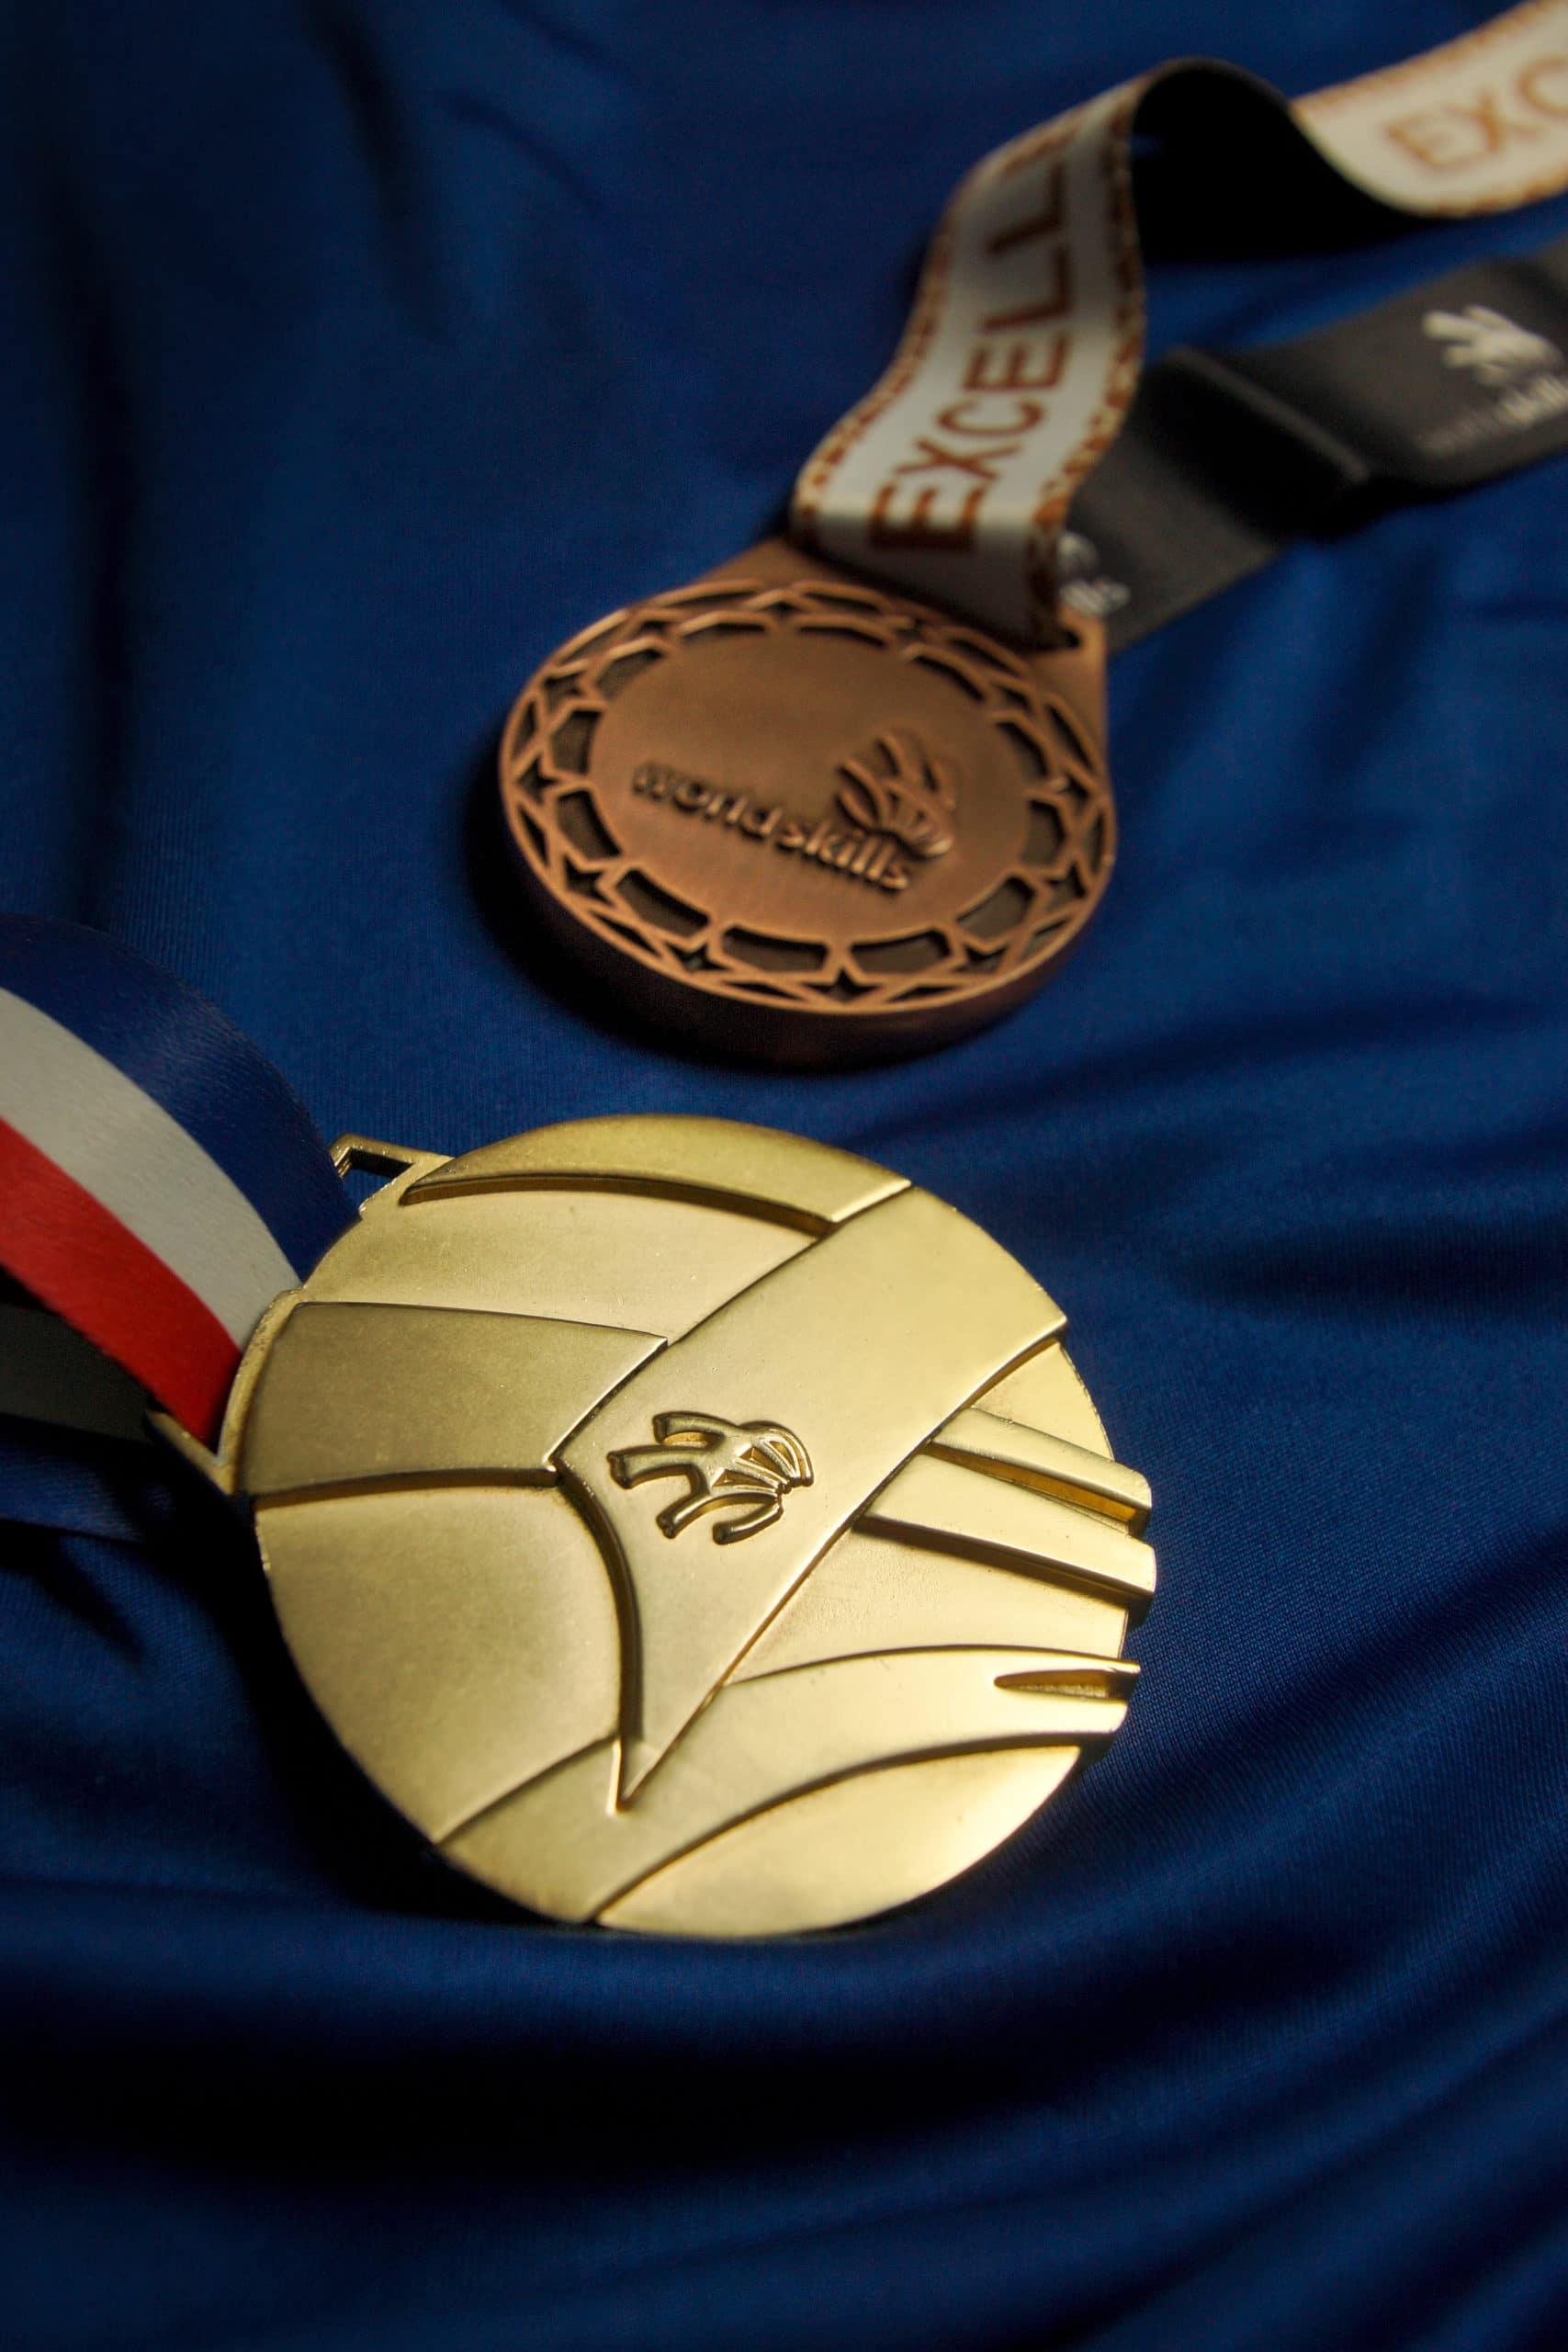 Médaille d'or et médaille d'excellence de la compétition Worldskills